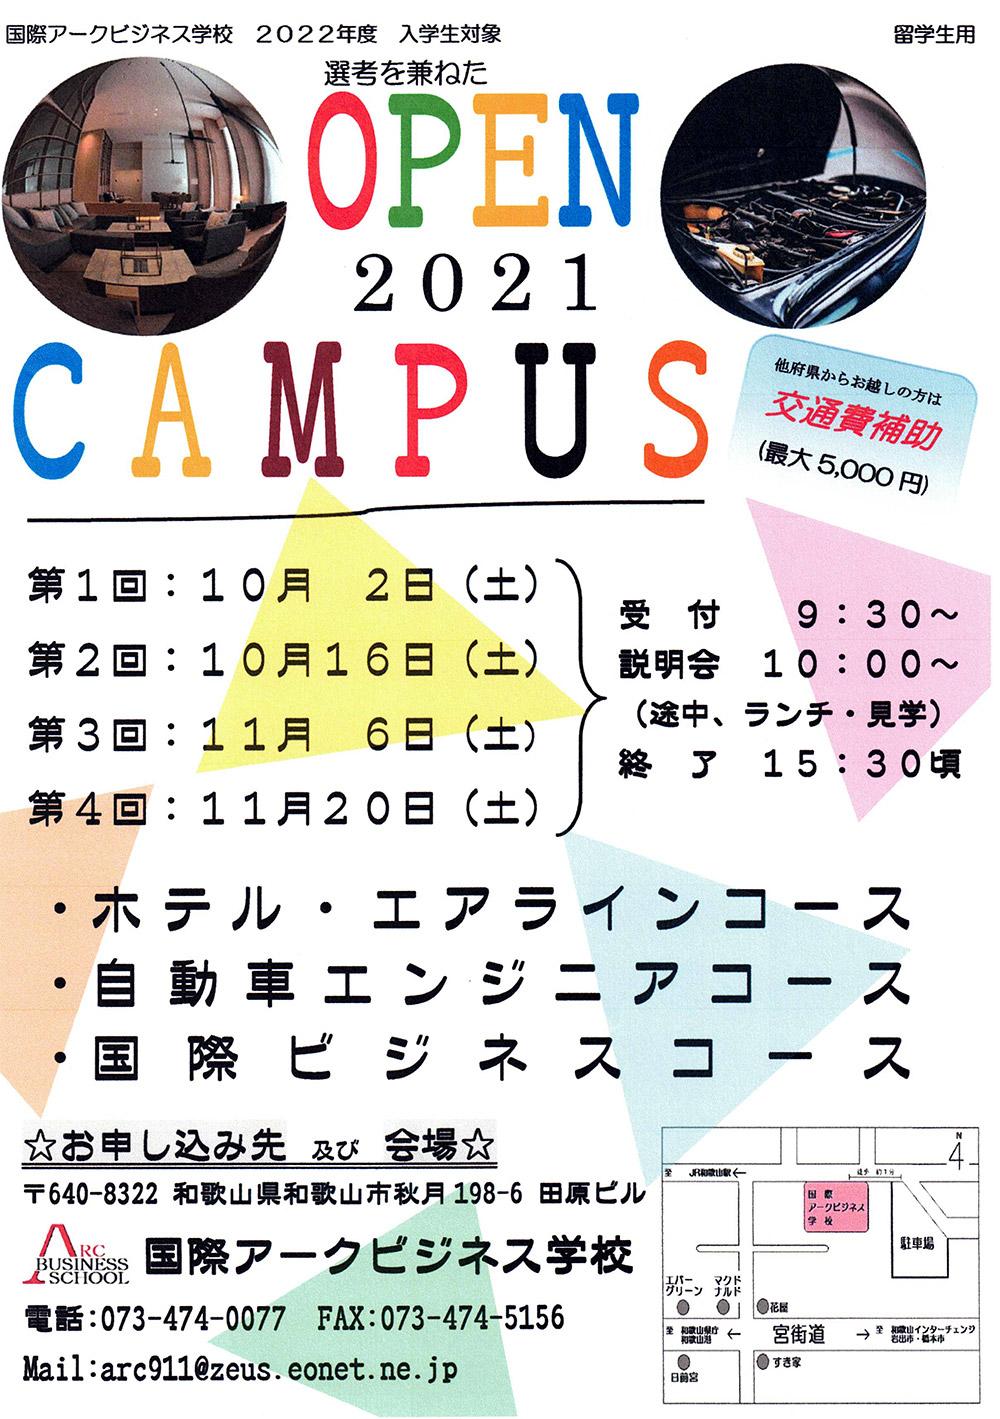 オープンキャンパス 留学生.jpg